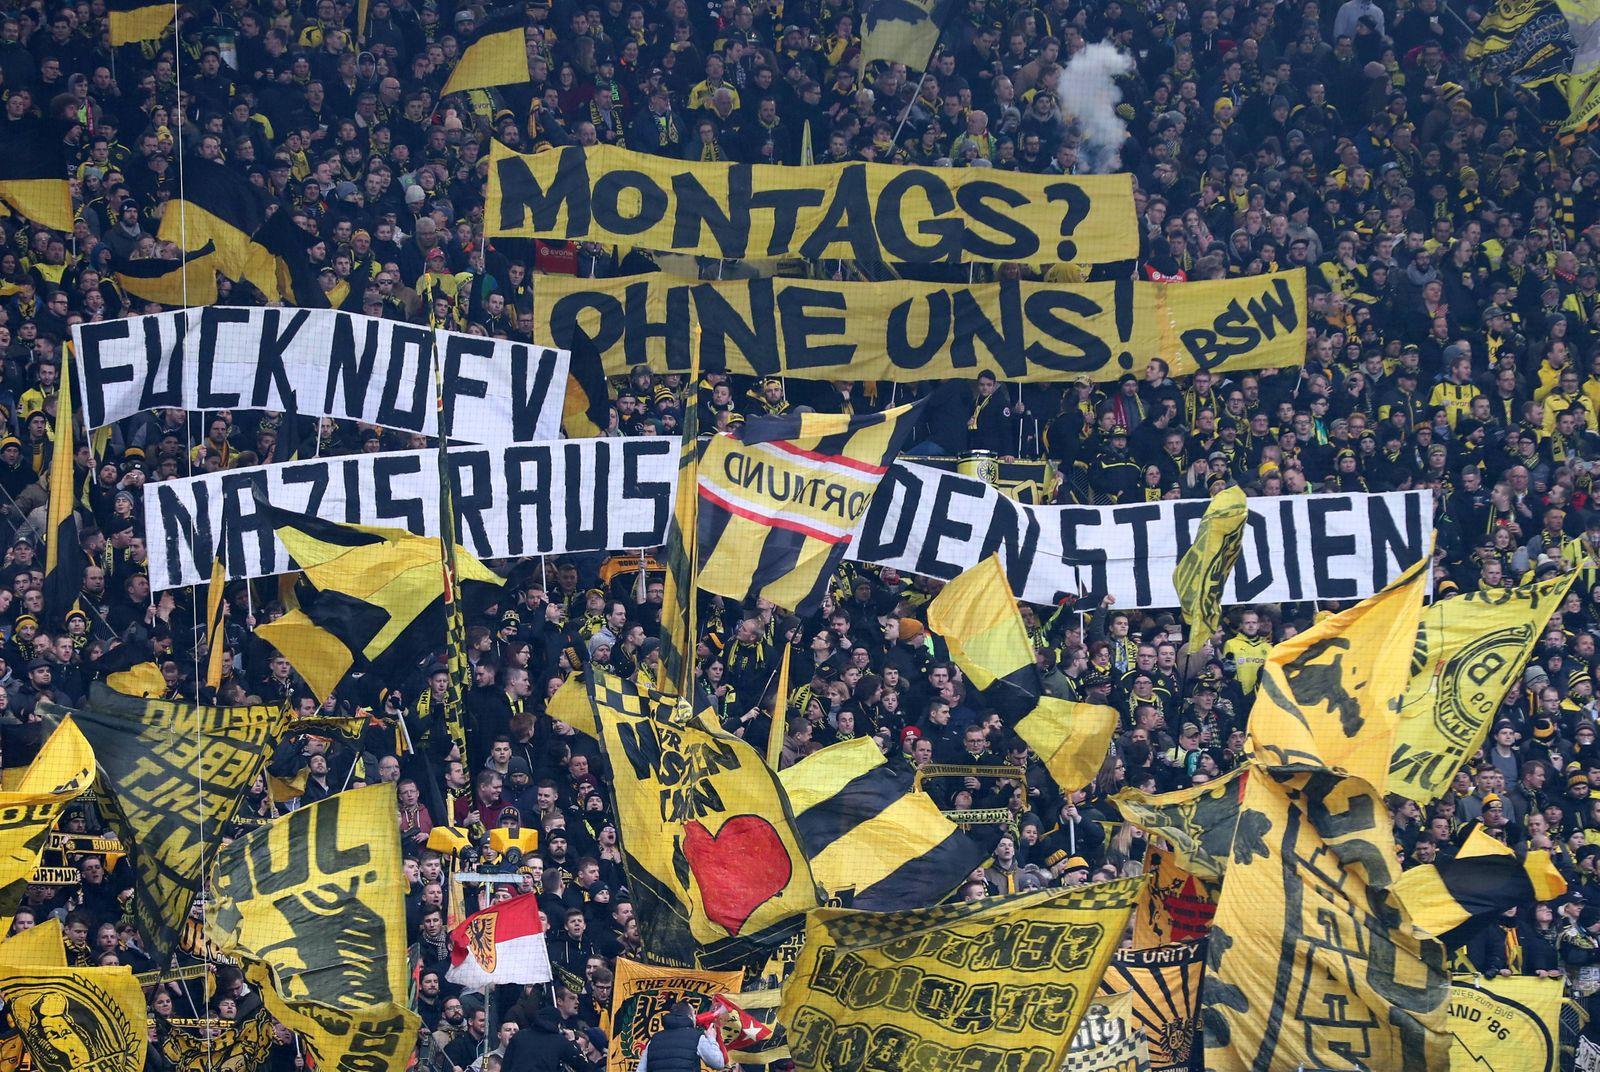 Samstag 10 02 2018 Saison 2017 2018 1 Bundesliga 22 Spieltag im Dortmunder Signal Iduna Park B